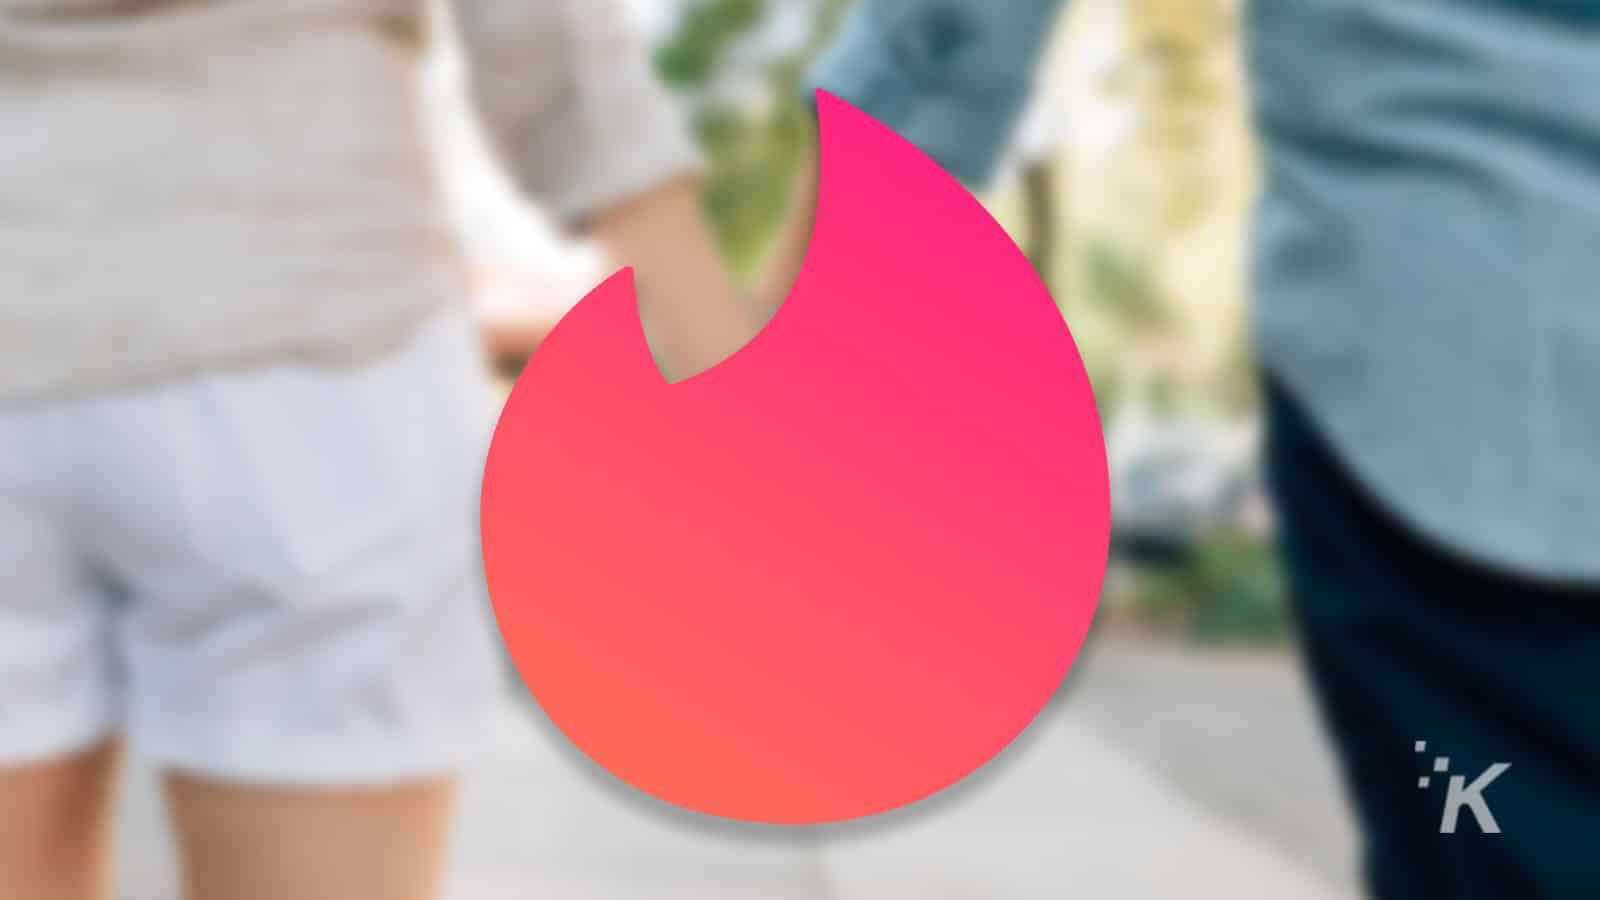 tinder logo on blurred background